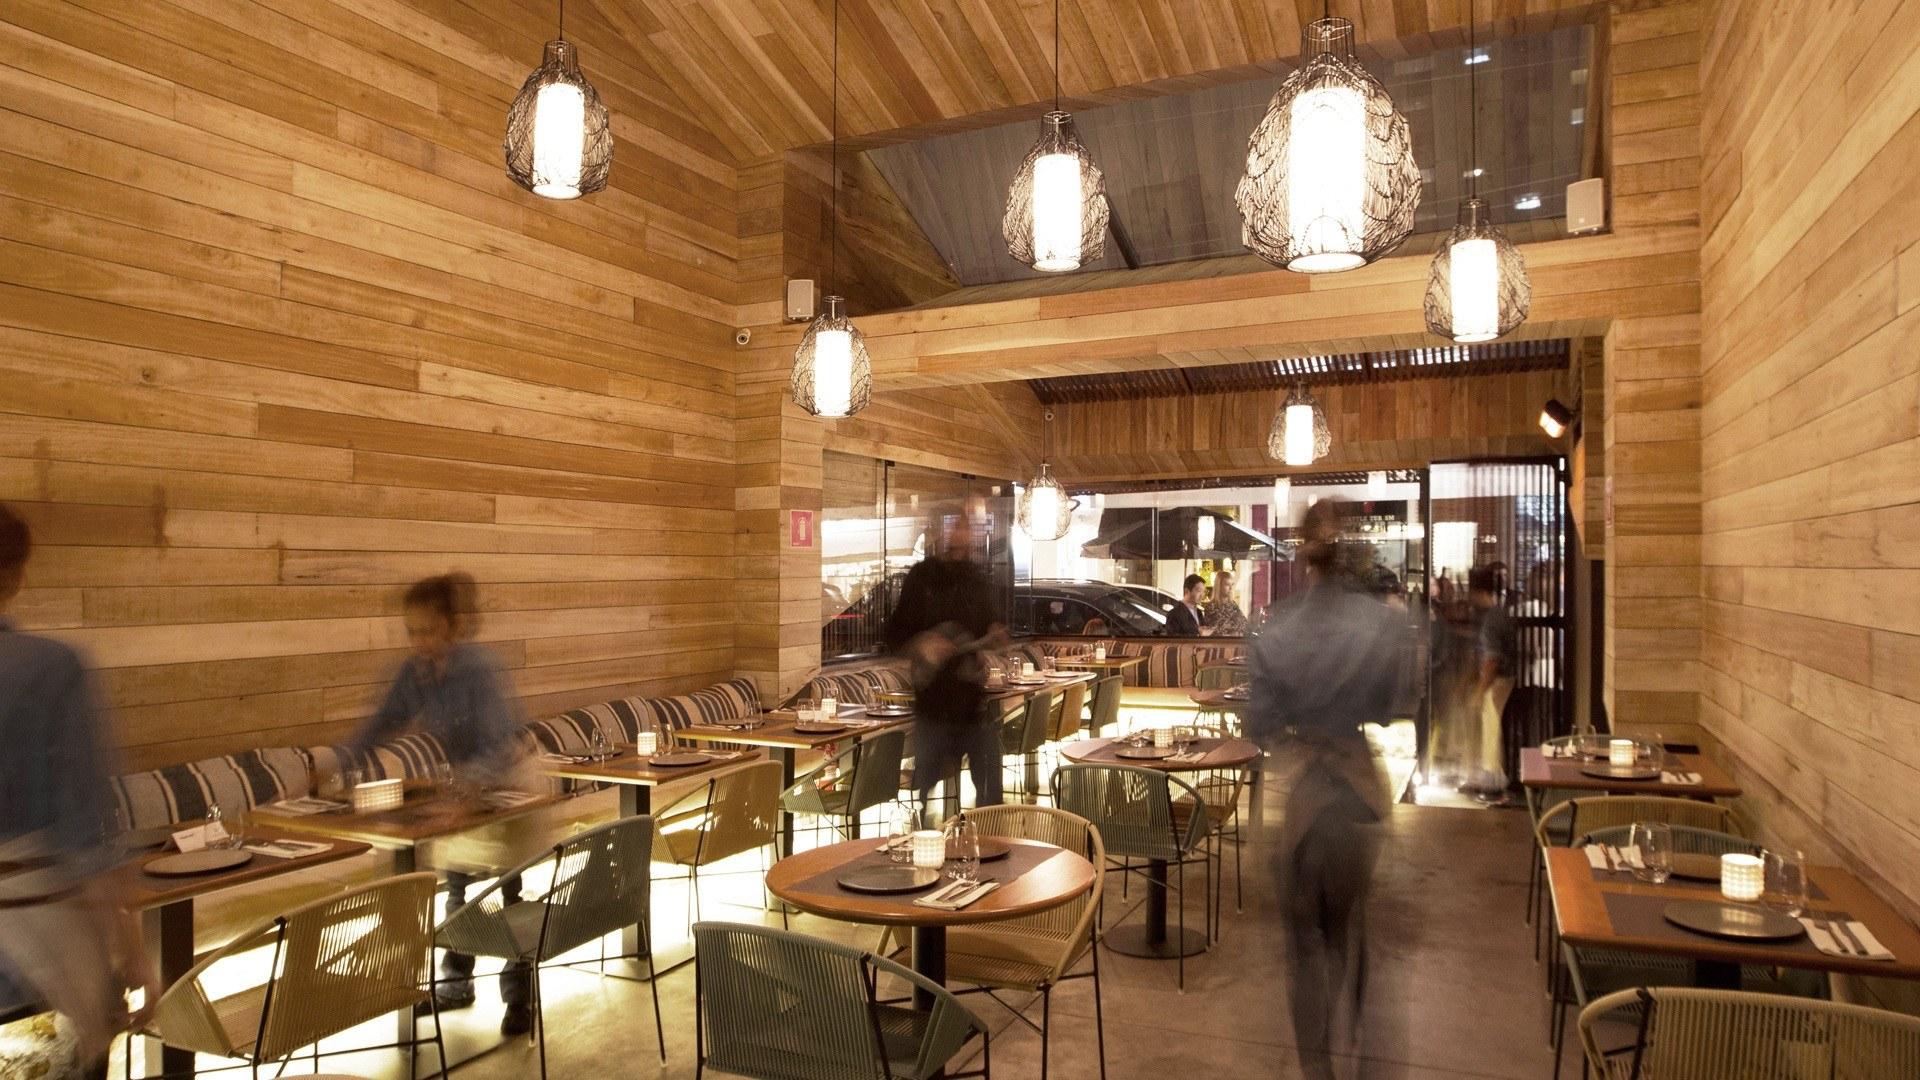 12.restaurante-tanit-interna-noturna-16